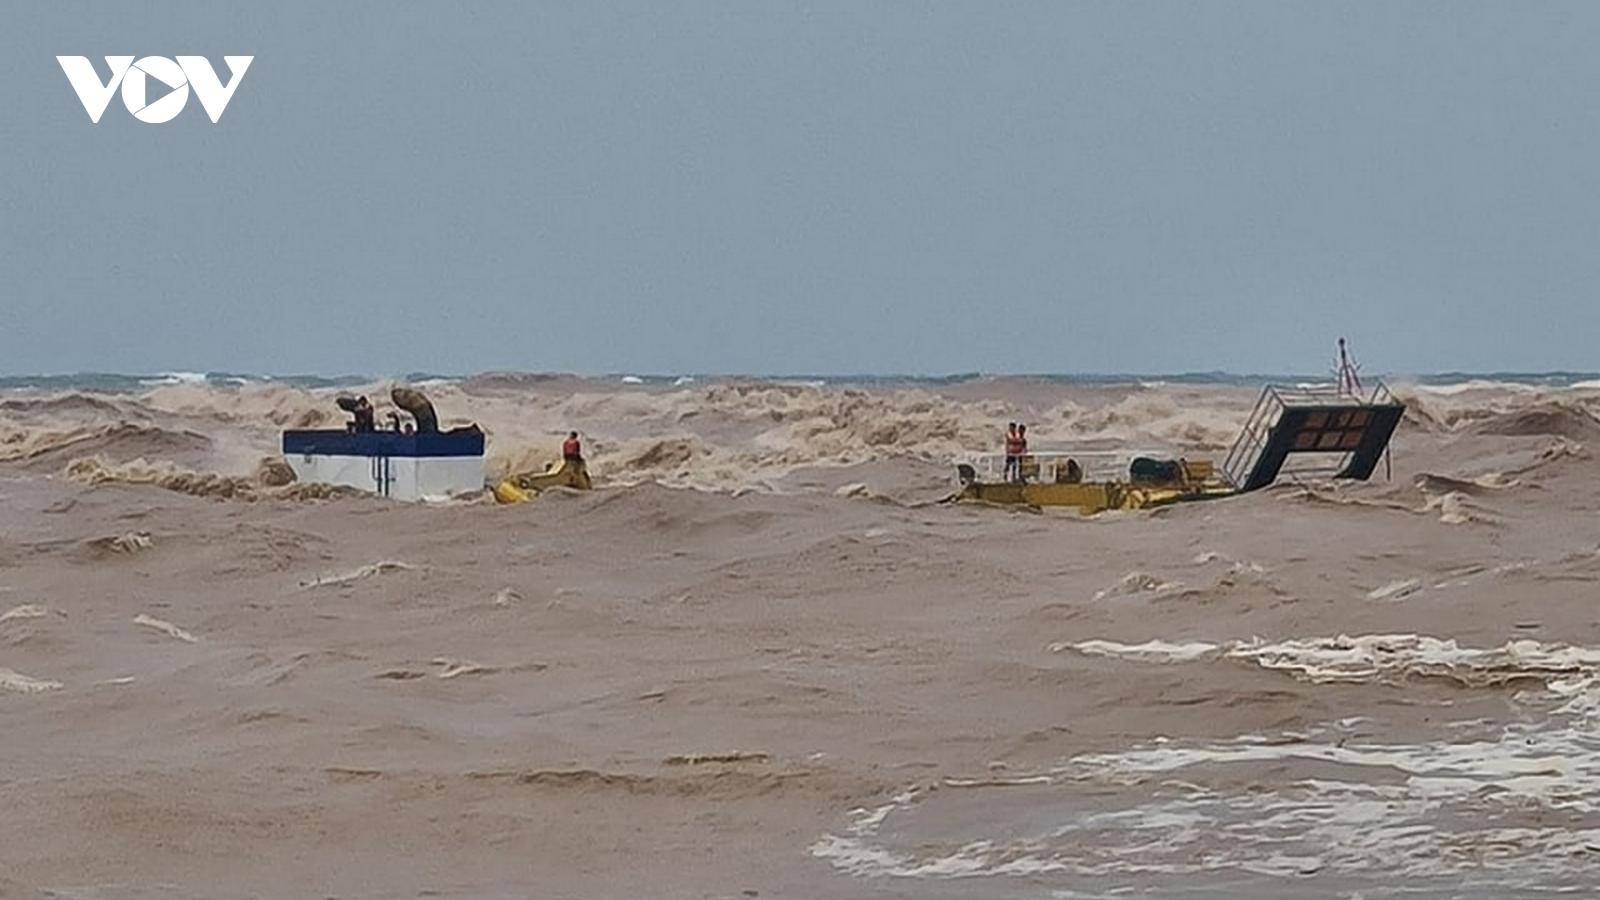 8 thuyền viên và 3 ngư dân vẫn mắc kẹt trên tàu Vietship 01 bị chìm ở biển Quảng Trị